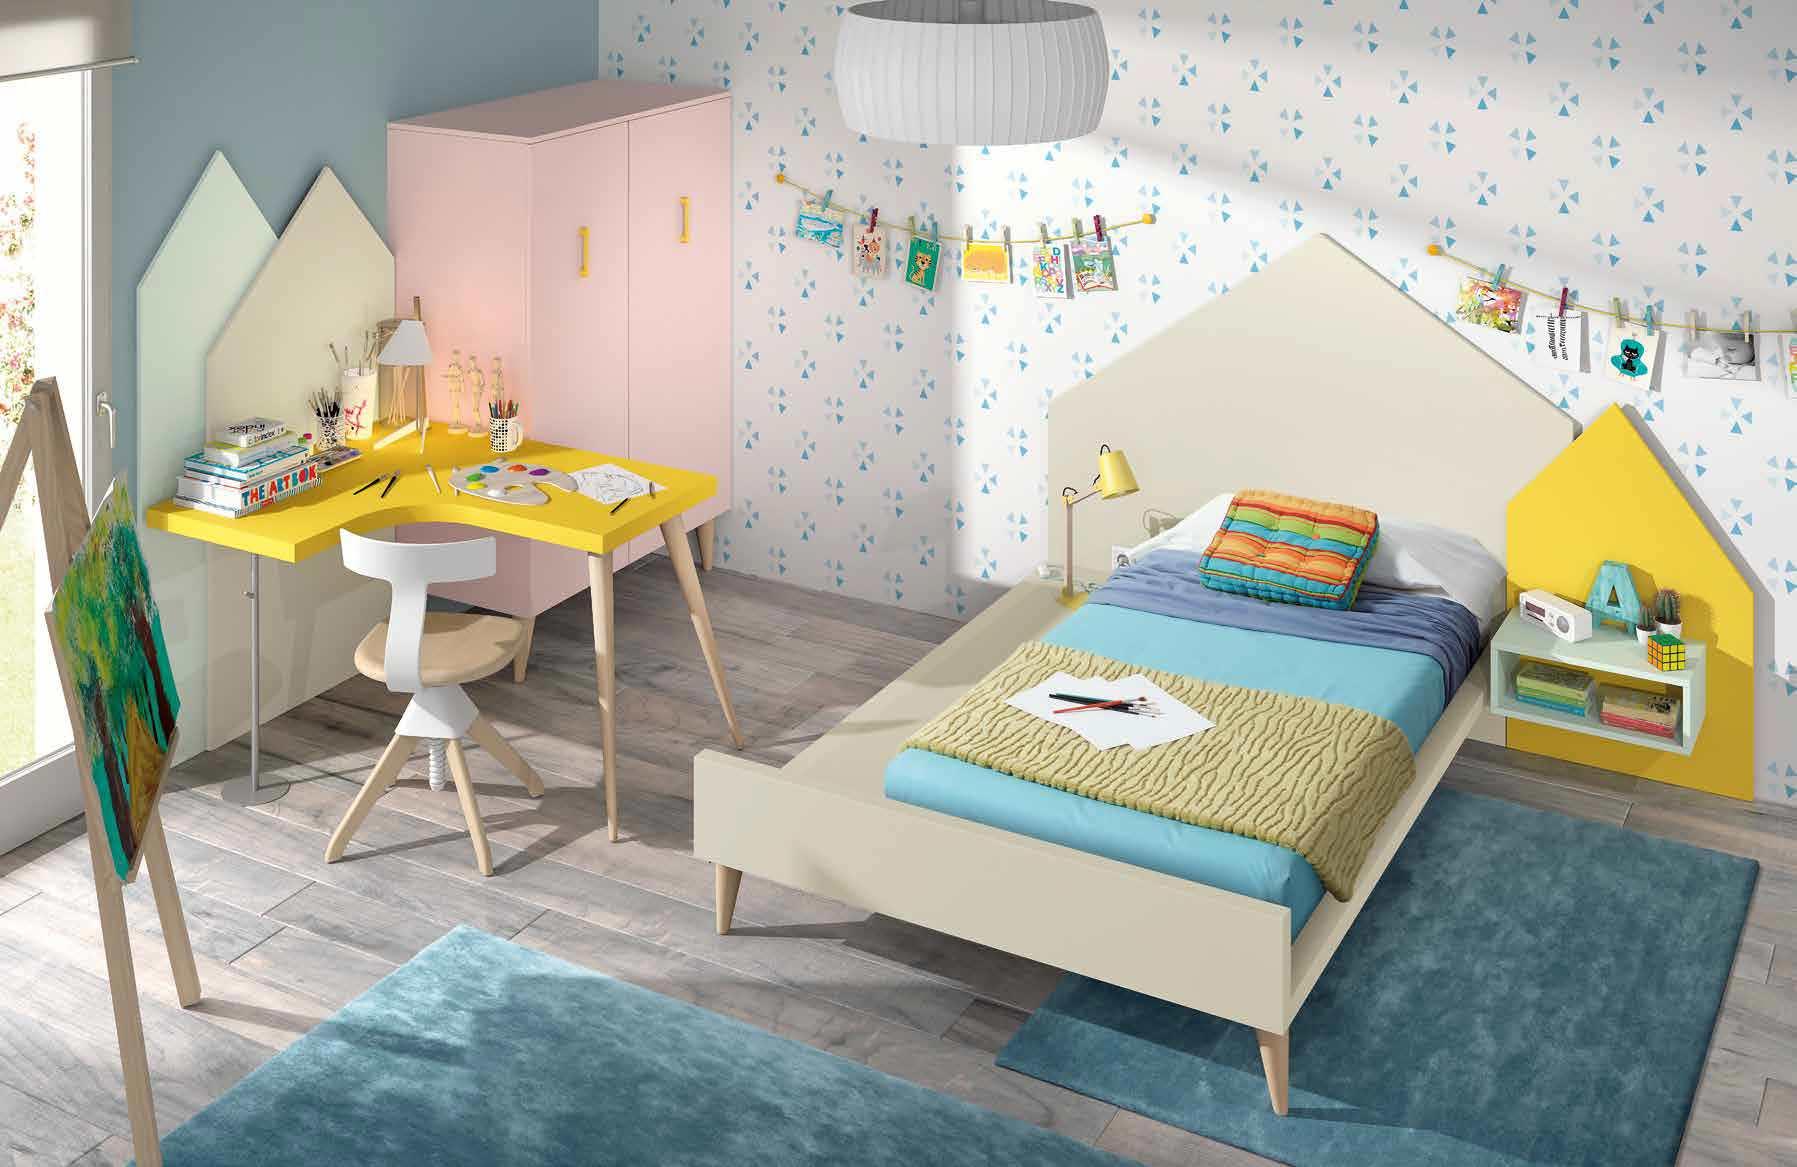 Ideas para dar color a tu dormitorio infantil - Ideas dormitorio infantil ...